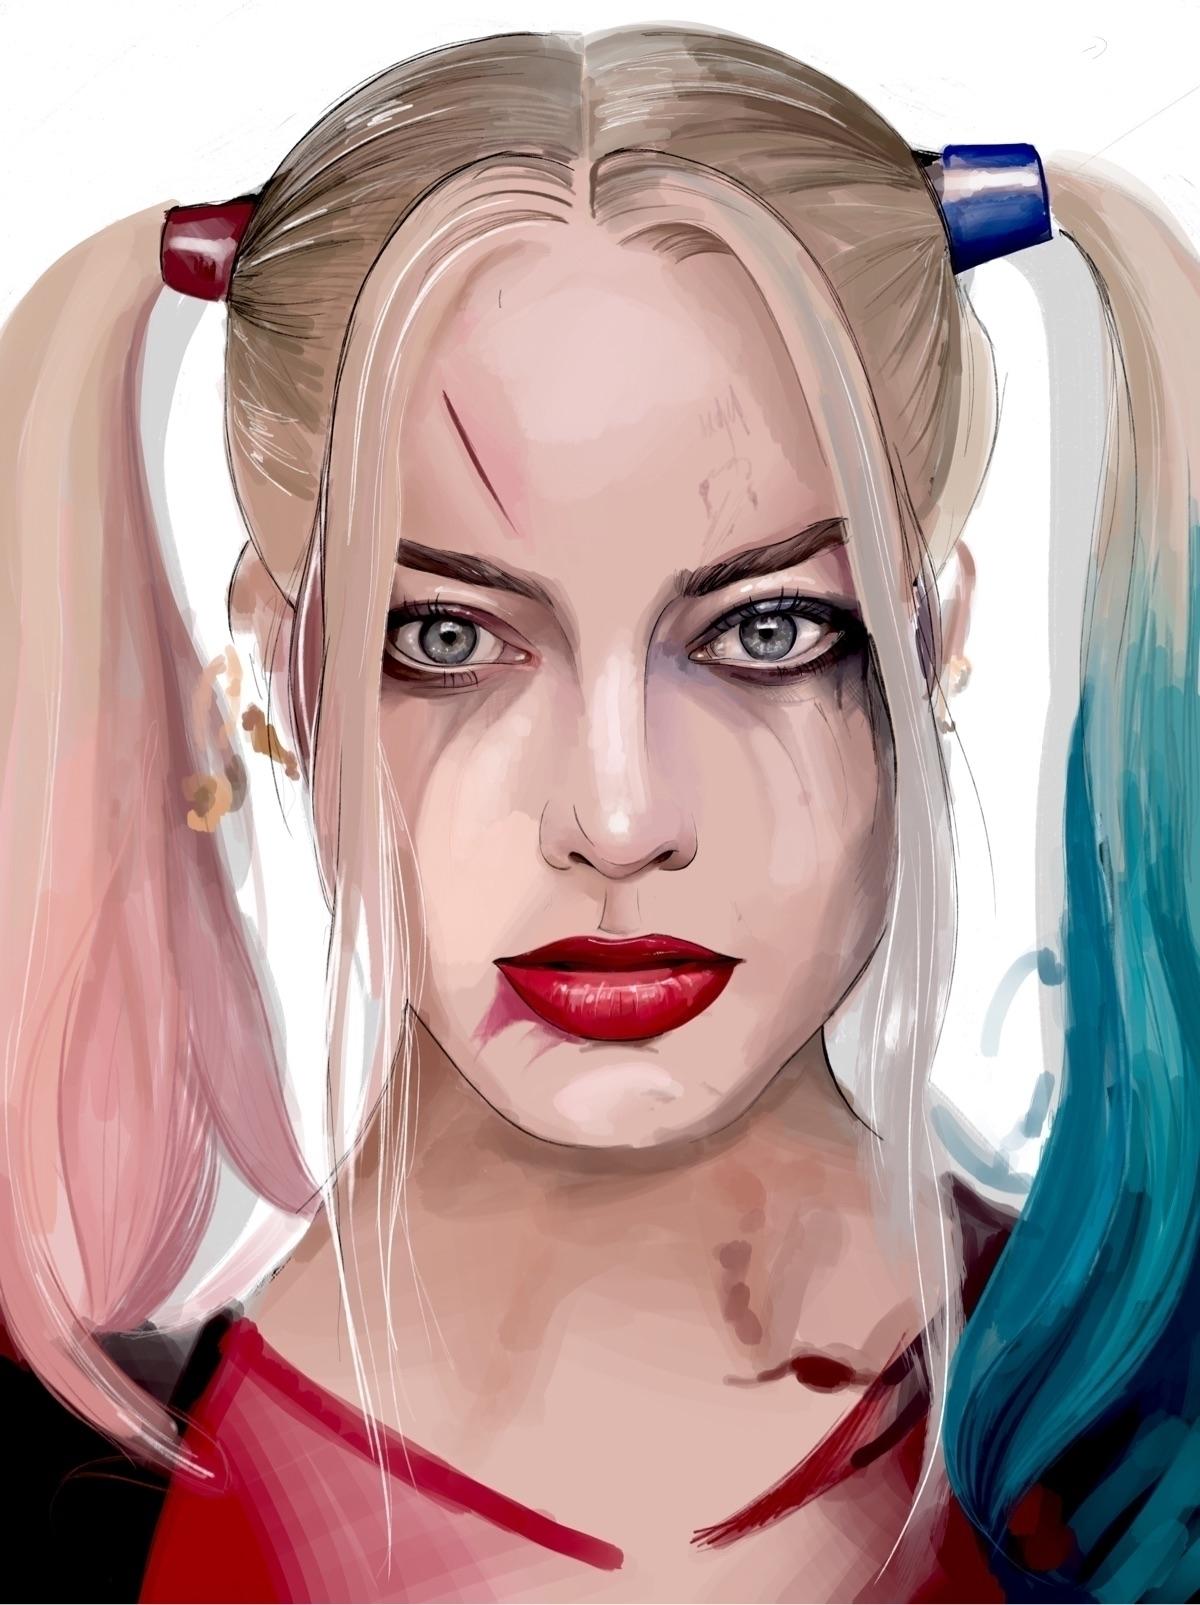 Harley Quinn Illustration Me ha - fmonroyr | ello